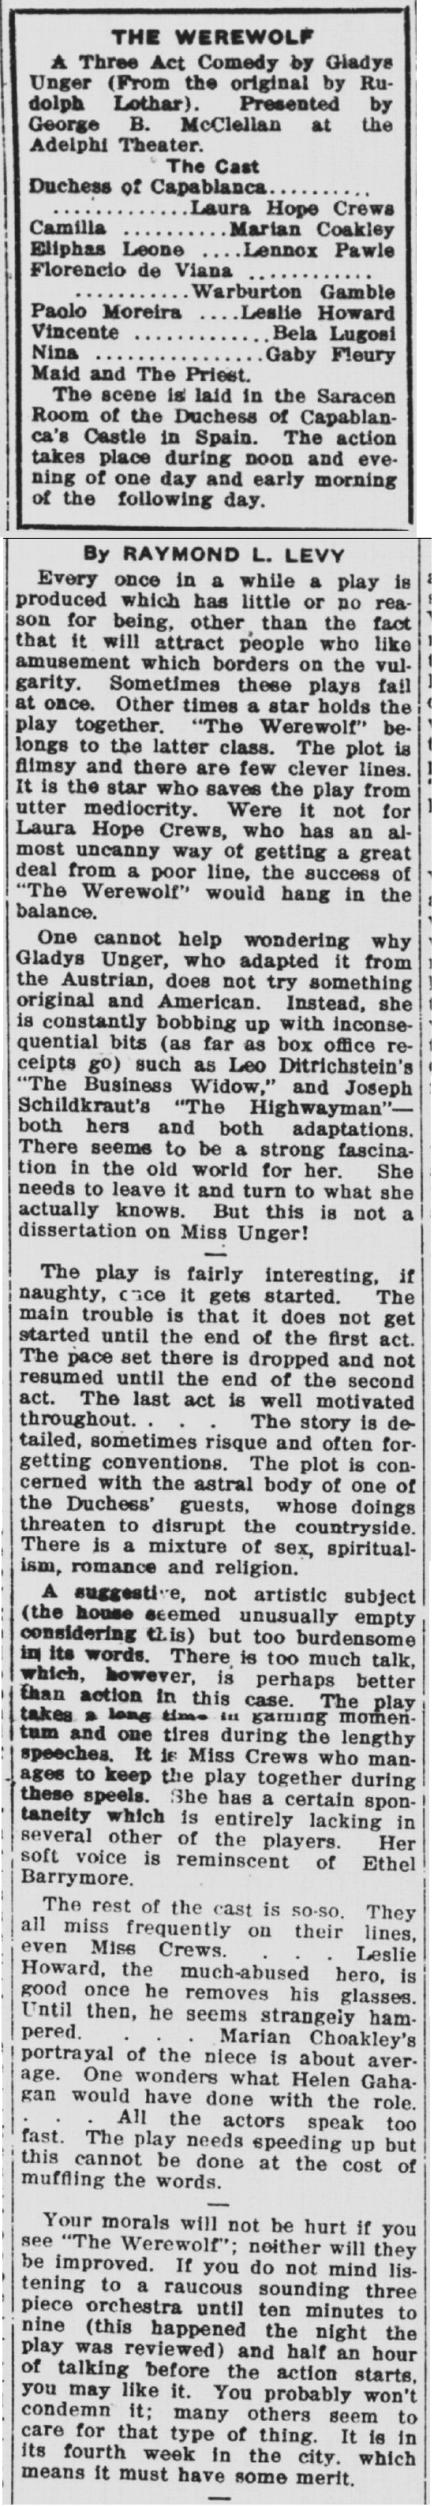 The Werewolf, Daily Northwestern, June 27, 1924